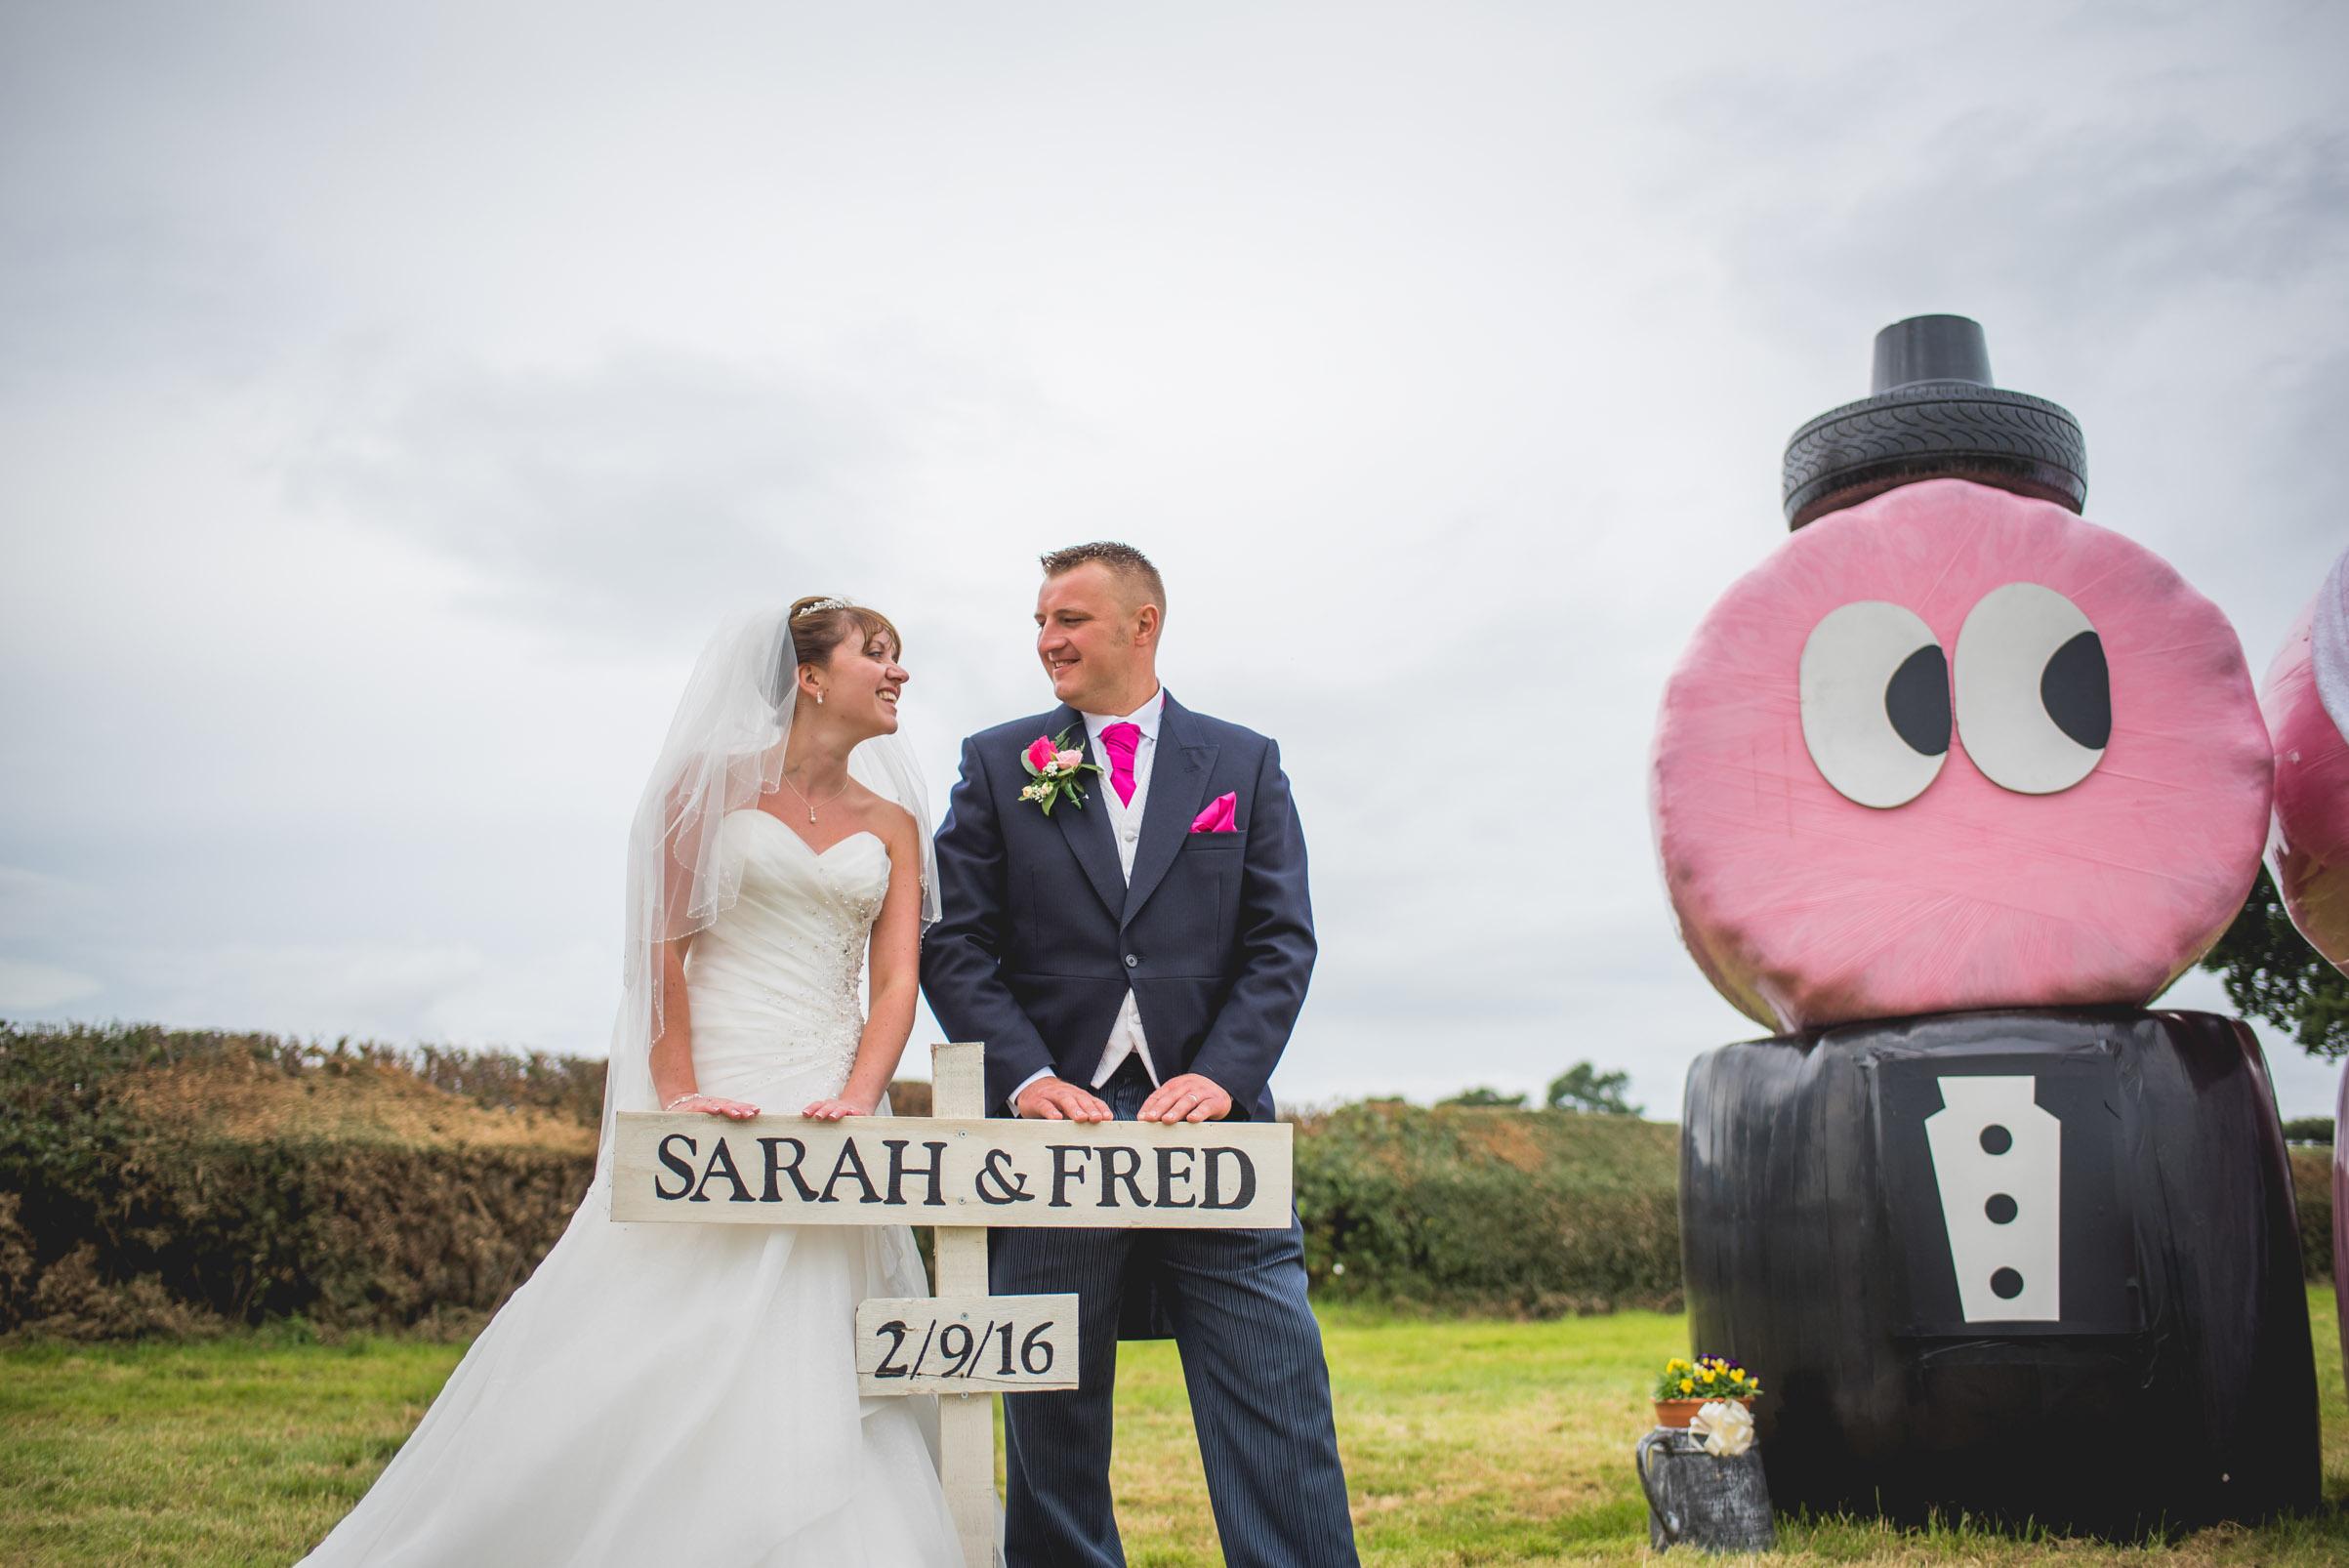 Farm-wedding-staffordshire-st-marys-catholic-church-uttoxter-80.jpg